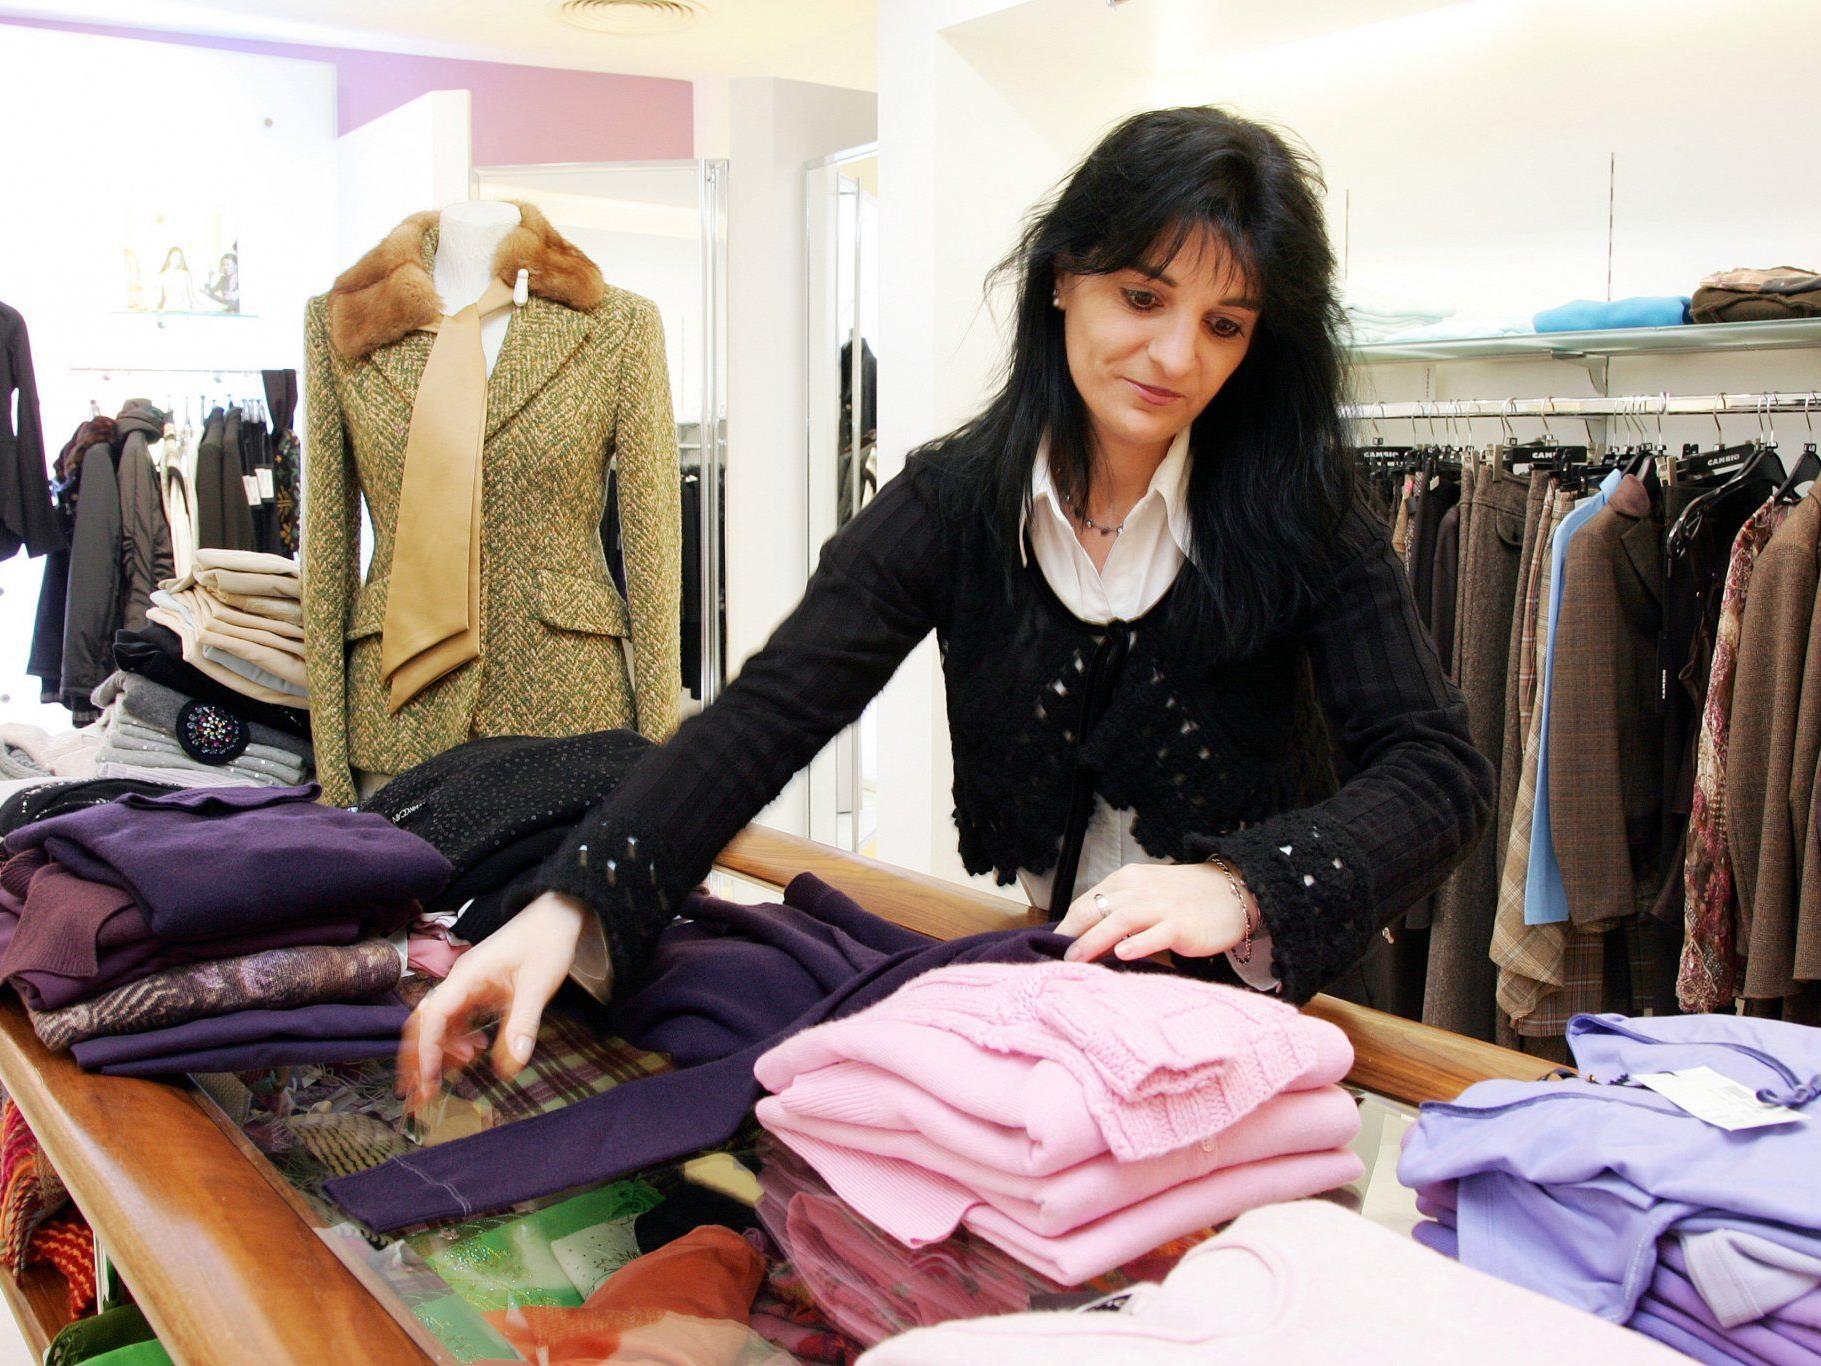 Verkäuferin: Der typische Teilzeitjob als Weg in die Altersarmut